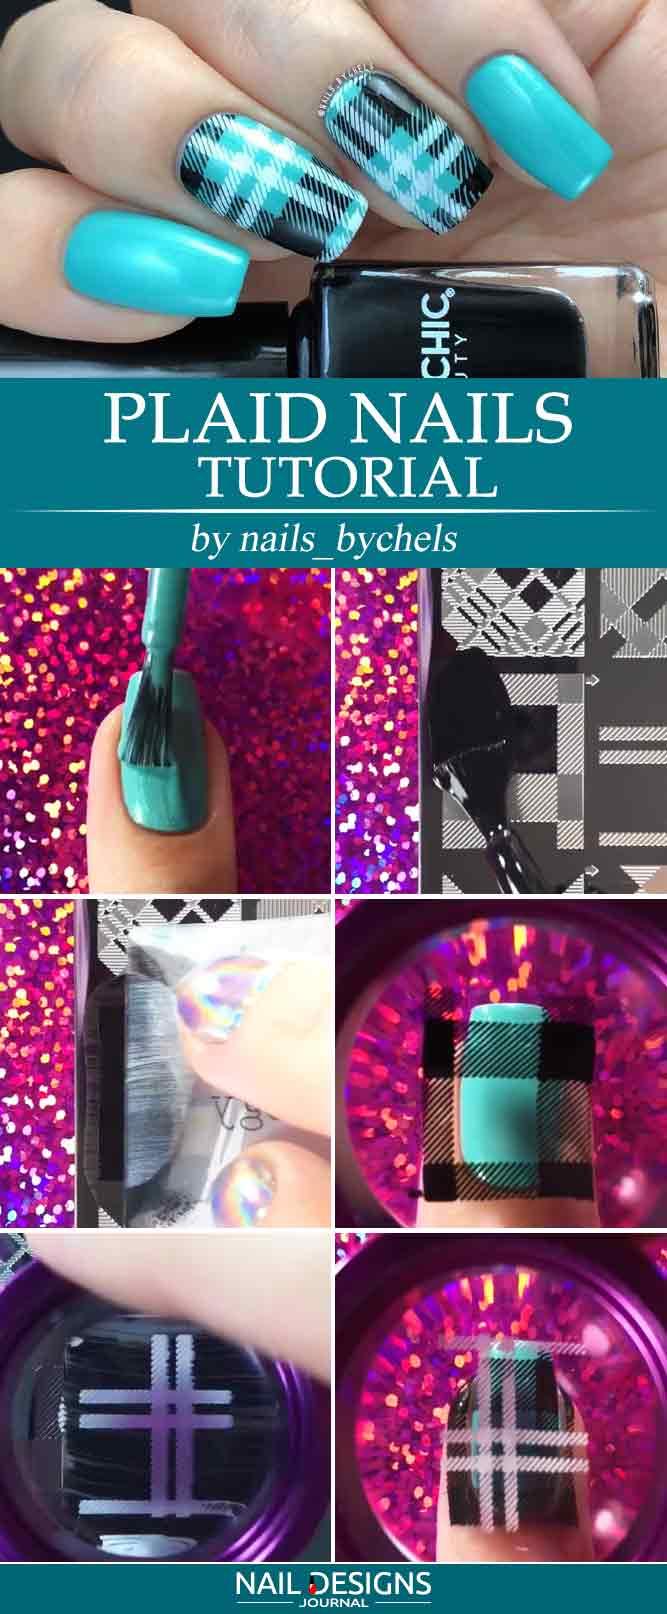 Plaid Nails Tutorial